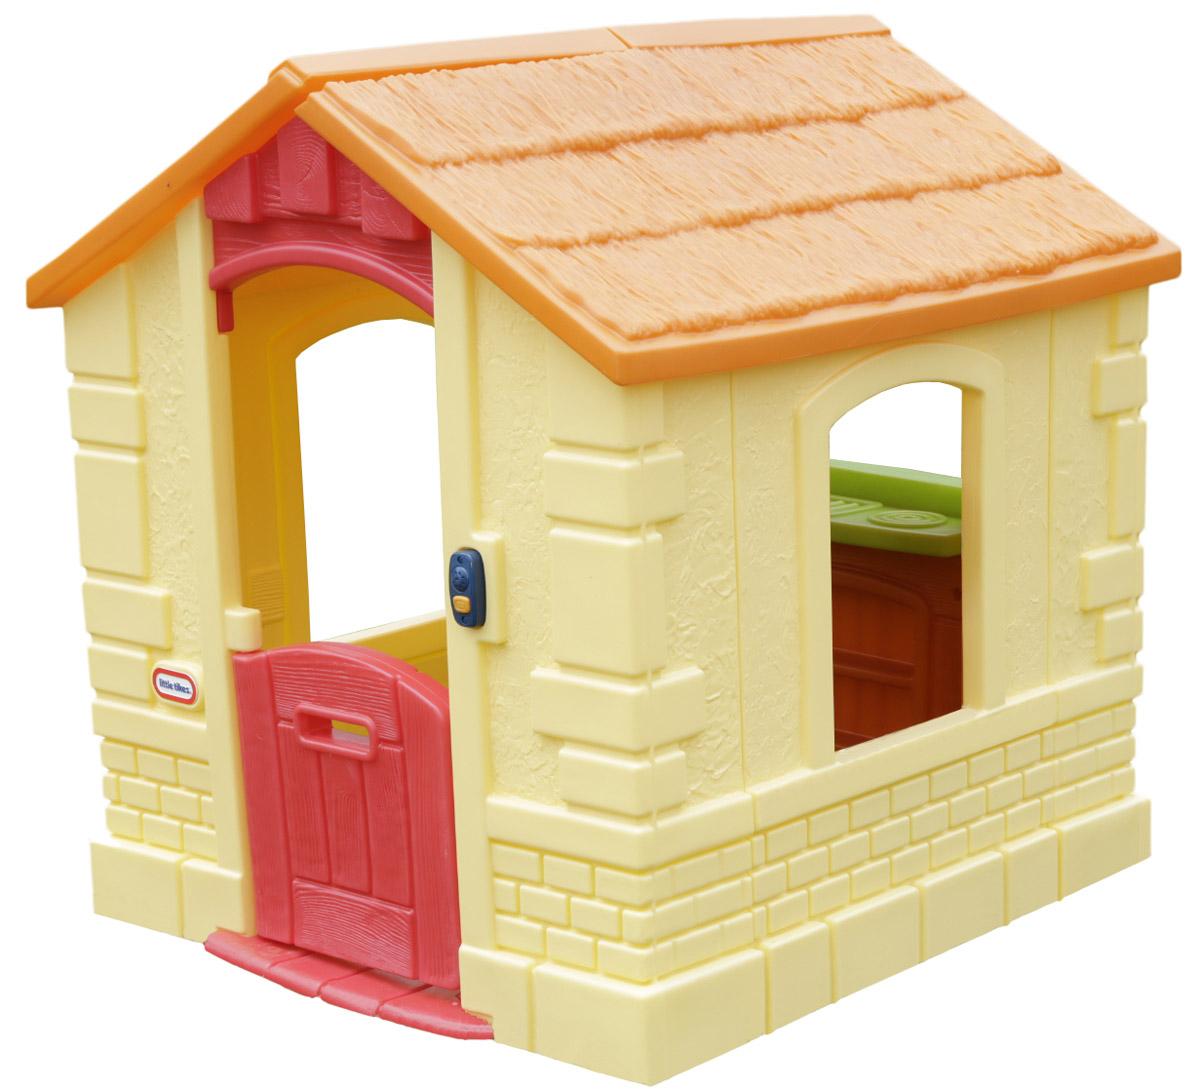 Little Tikes Игровой домик цвет желтый172786Оригинальный домик занимает совсем немного места, однако внутри он достаточно просторный. Выполнен в нежных натуральных цветах и изготовлен из прочного водостойкого пластика. Ваш ребенок будет играть в нем круглый год. Голландская дверь, дверной звонок и место для почтовых писем. Для детей о т 1,5-5 лет.